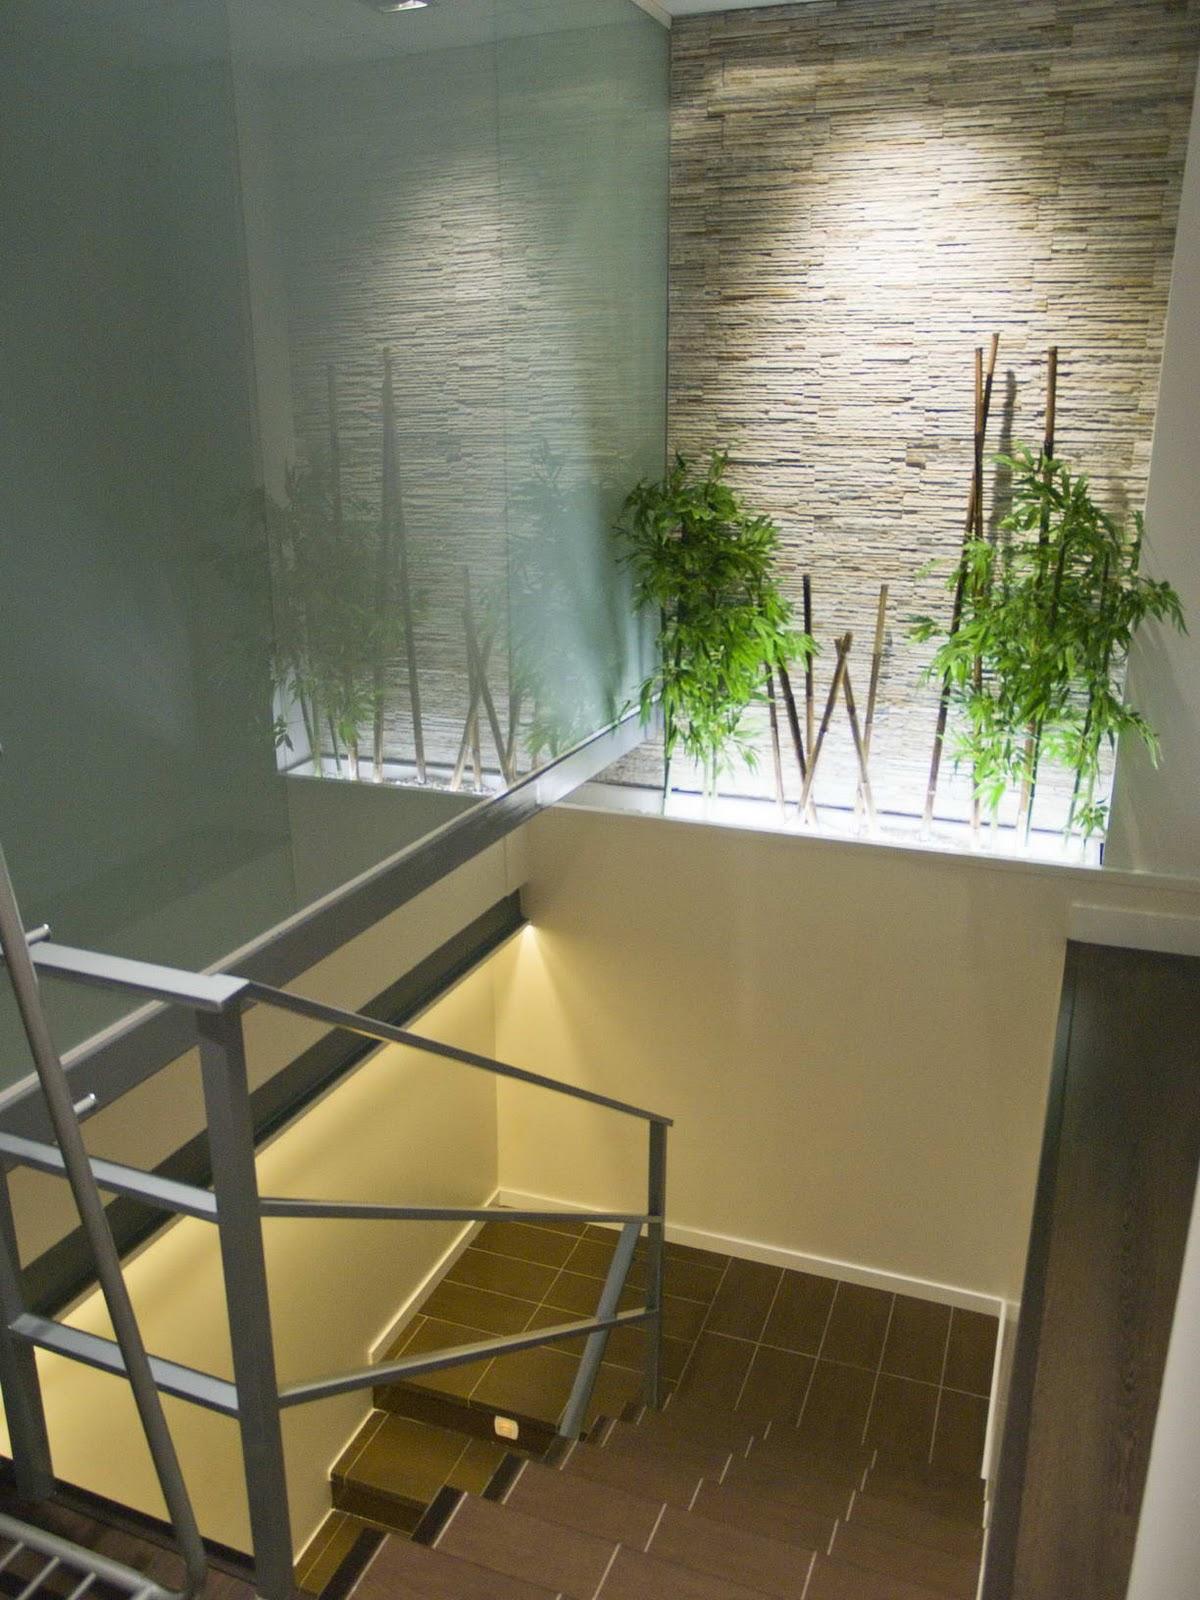 Baño General De Un Paciente En Ducha: una armonía en la estética del diseño en cada uno de los espacios